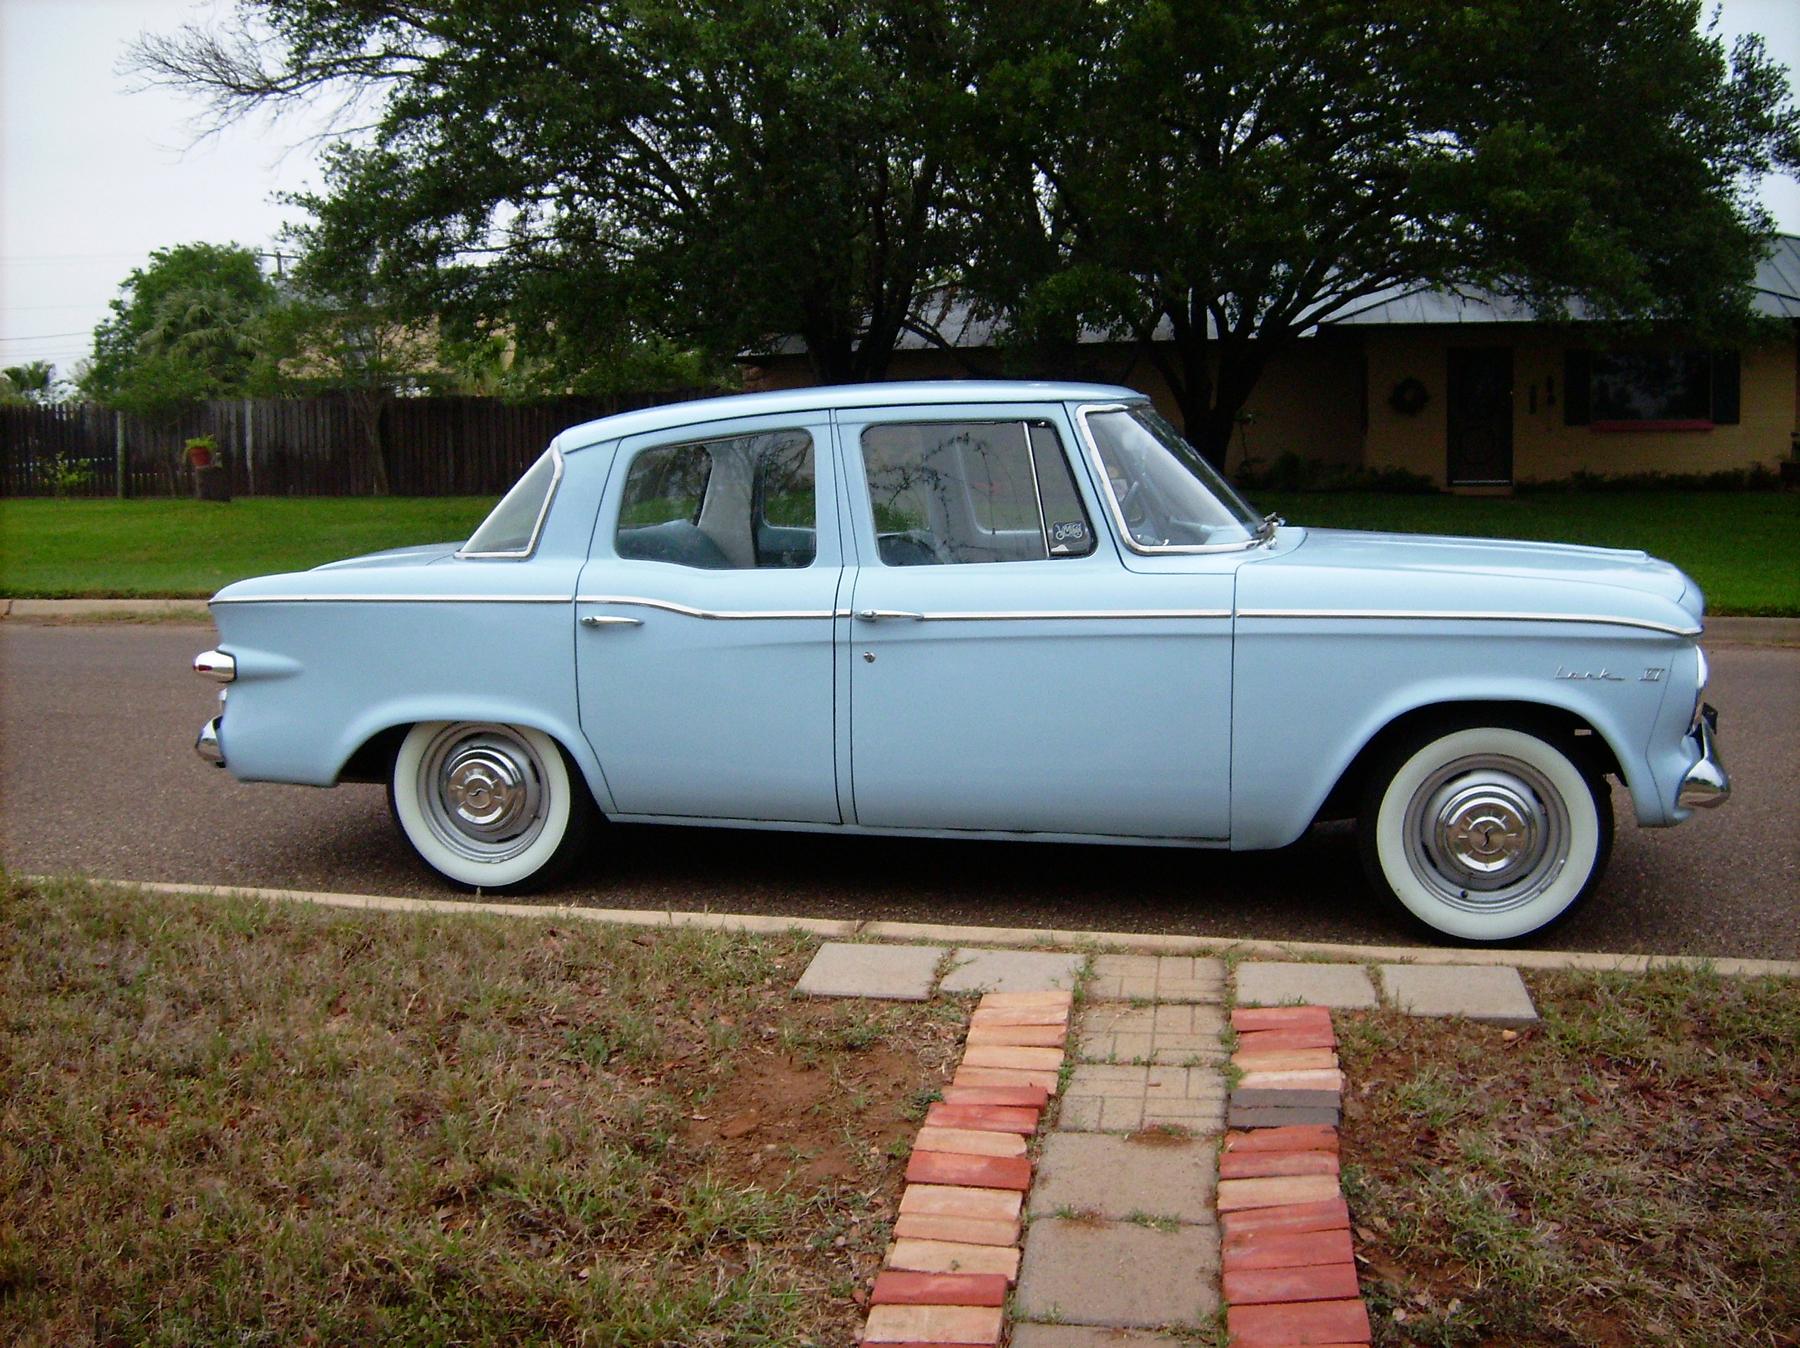 1961 STUDEBAKER LARK 1961 Studebaker Lark – AskAutoExperts.com